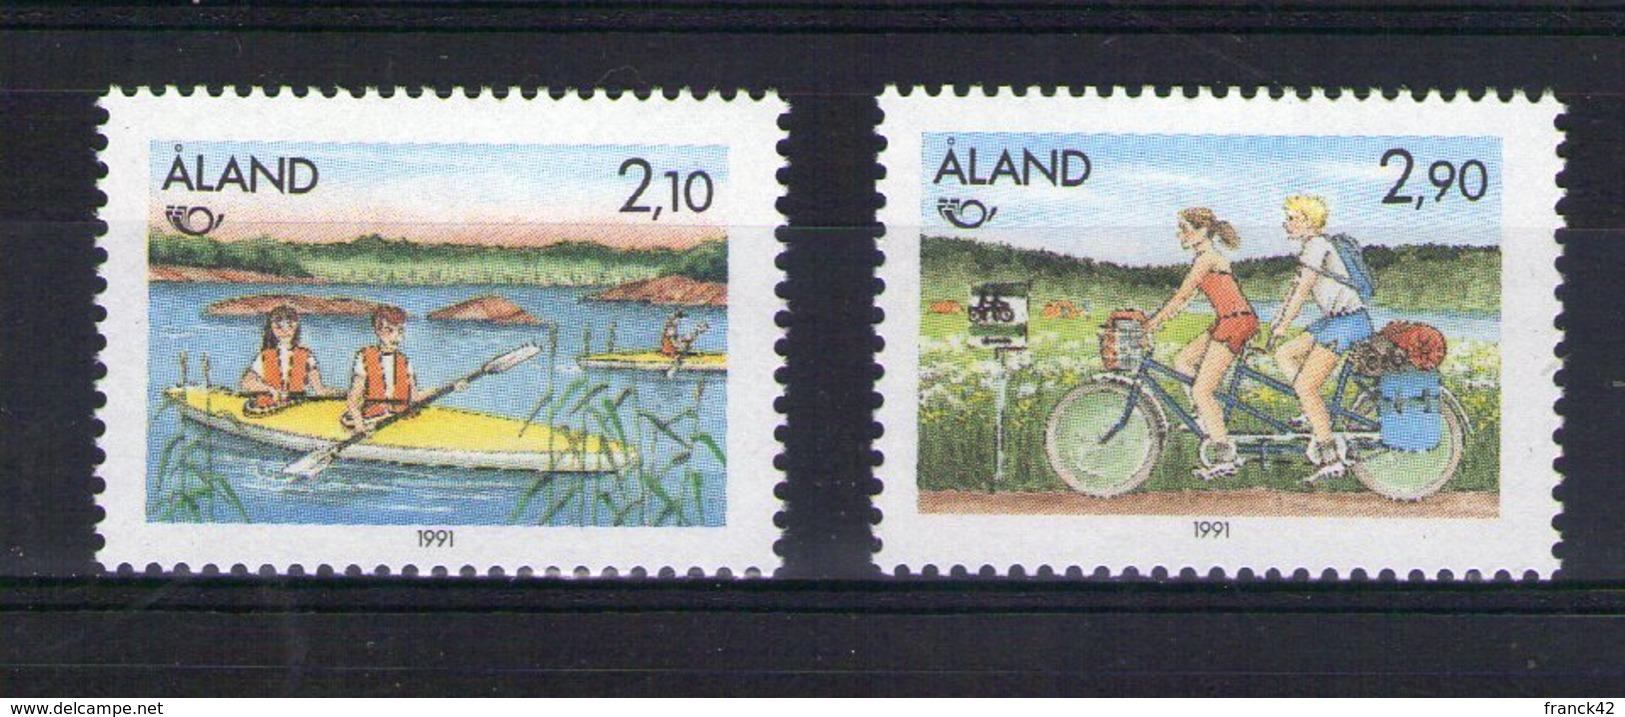 Aland. Norden 91. Tourisme Dans Les Régions Nordiques. Canoé Et Cyclisme - Aland